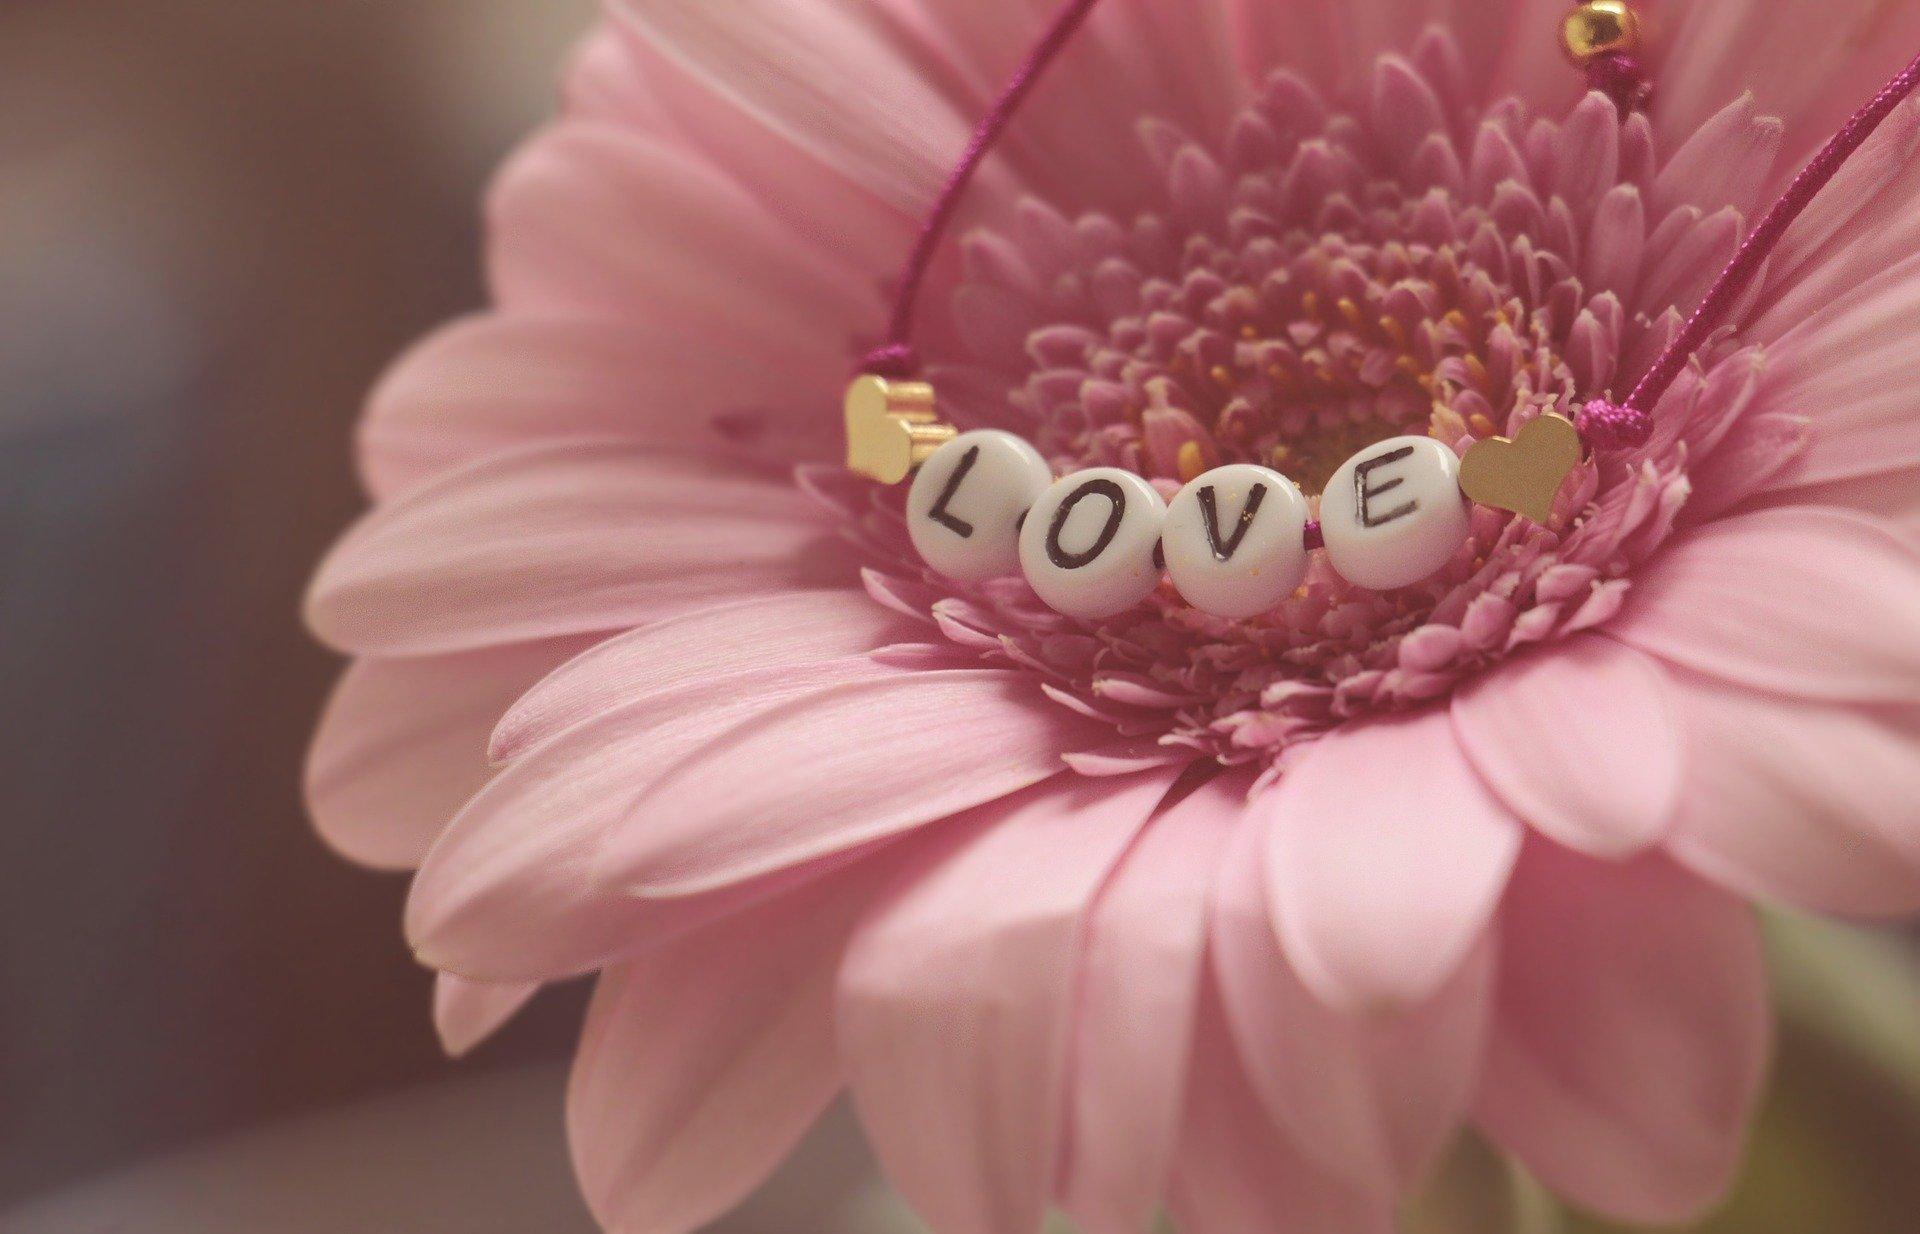 http://www.althea-fleurs.com/wp-content/uploads/2020/01/love-3388622_1920-1.jpg